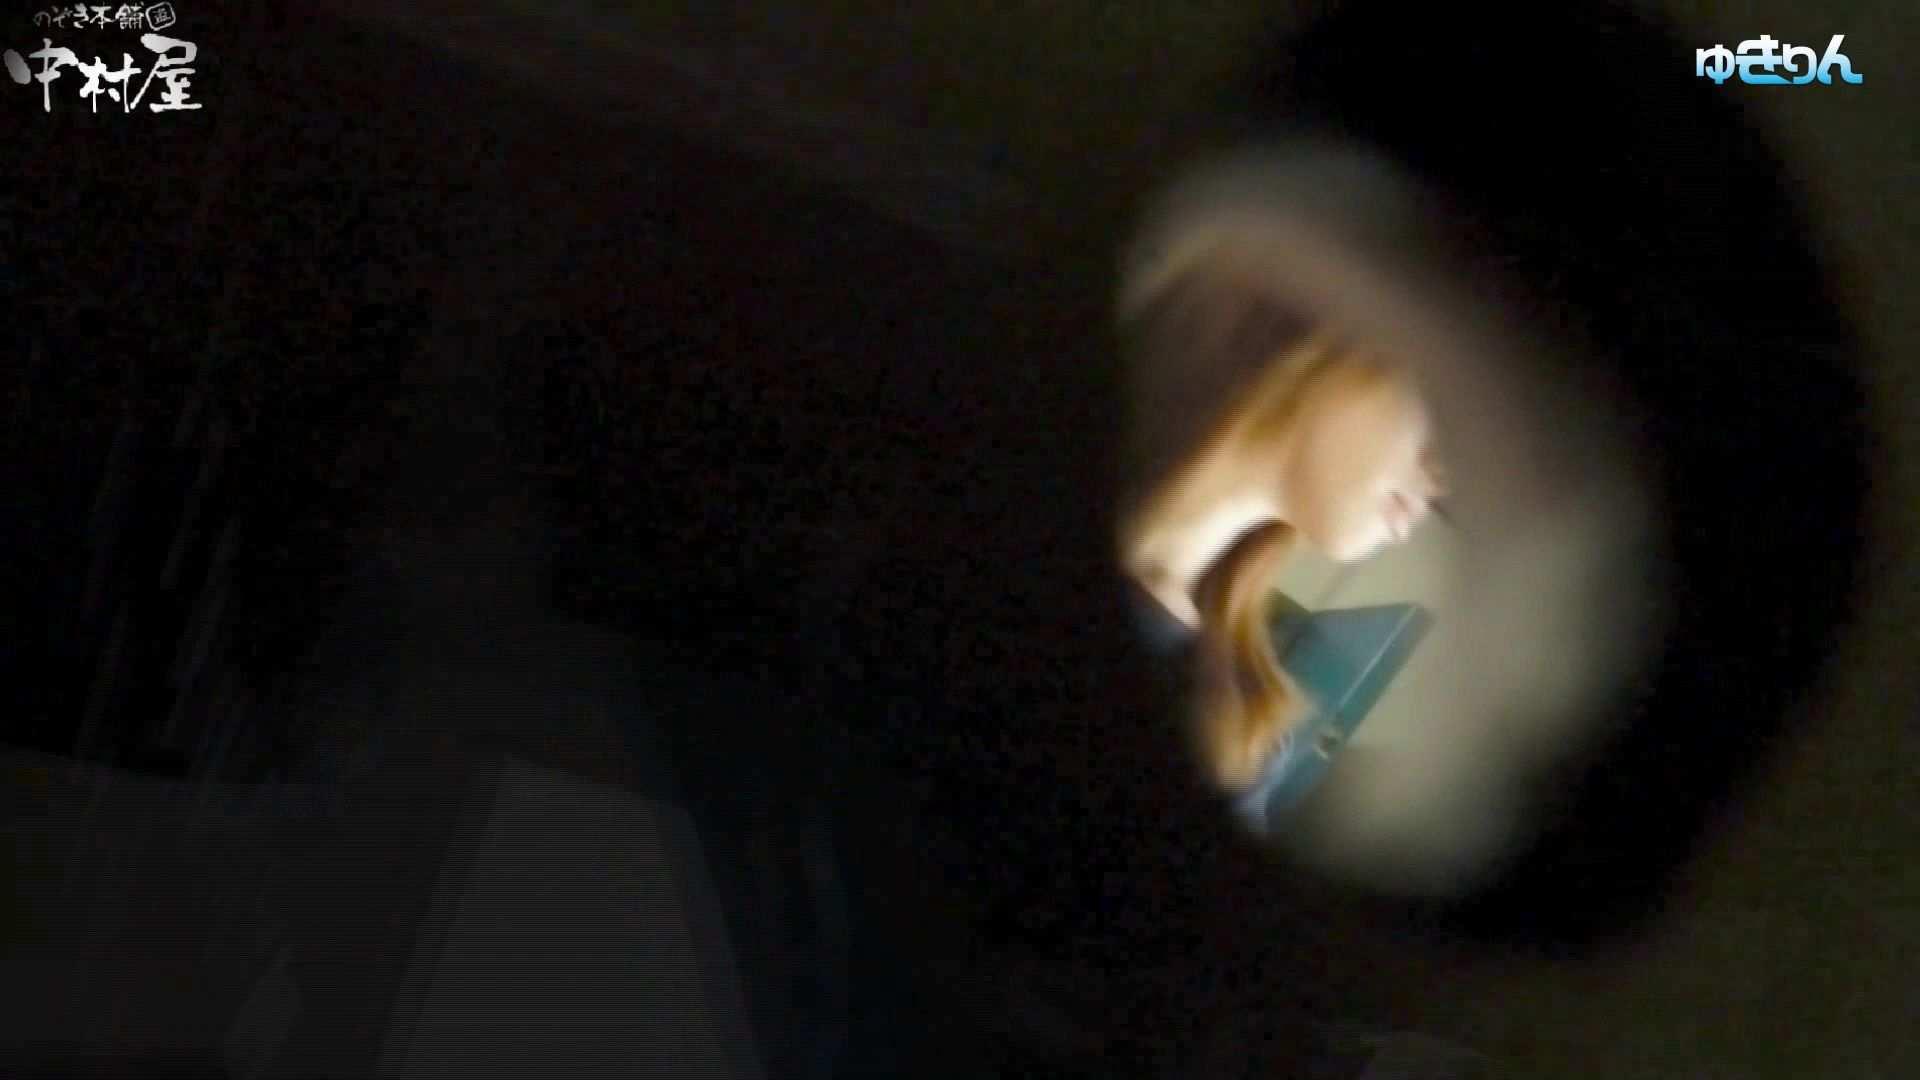 世界の射窓から~ステーション編 vol57 買い物の後三人組再び一番可愛い子が隣に入ってくれた。 OLハメ撮り  33Pix 8